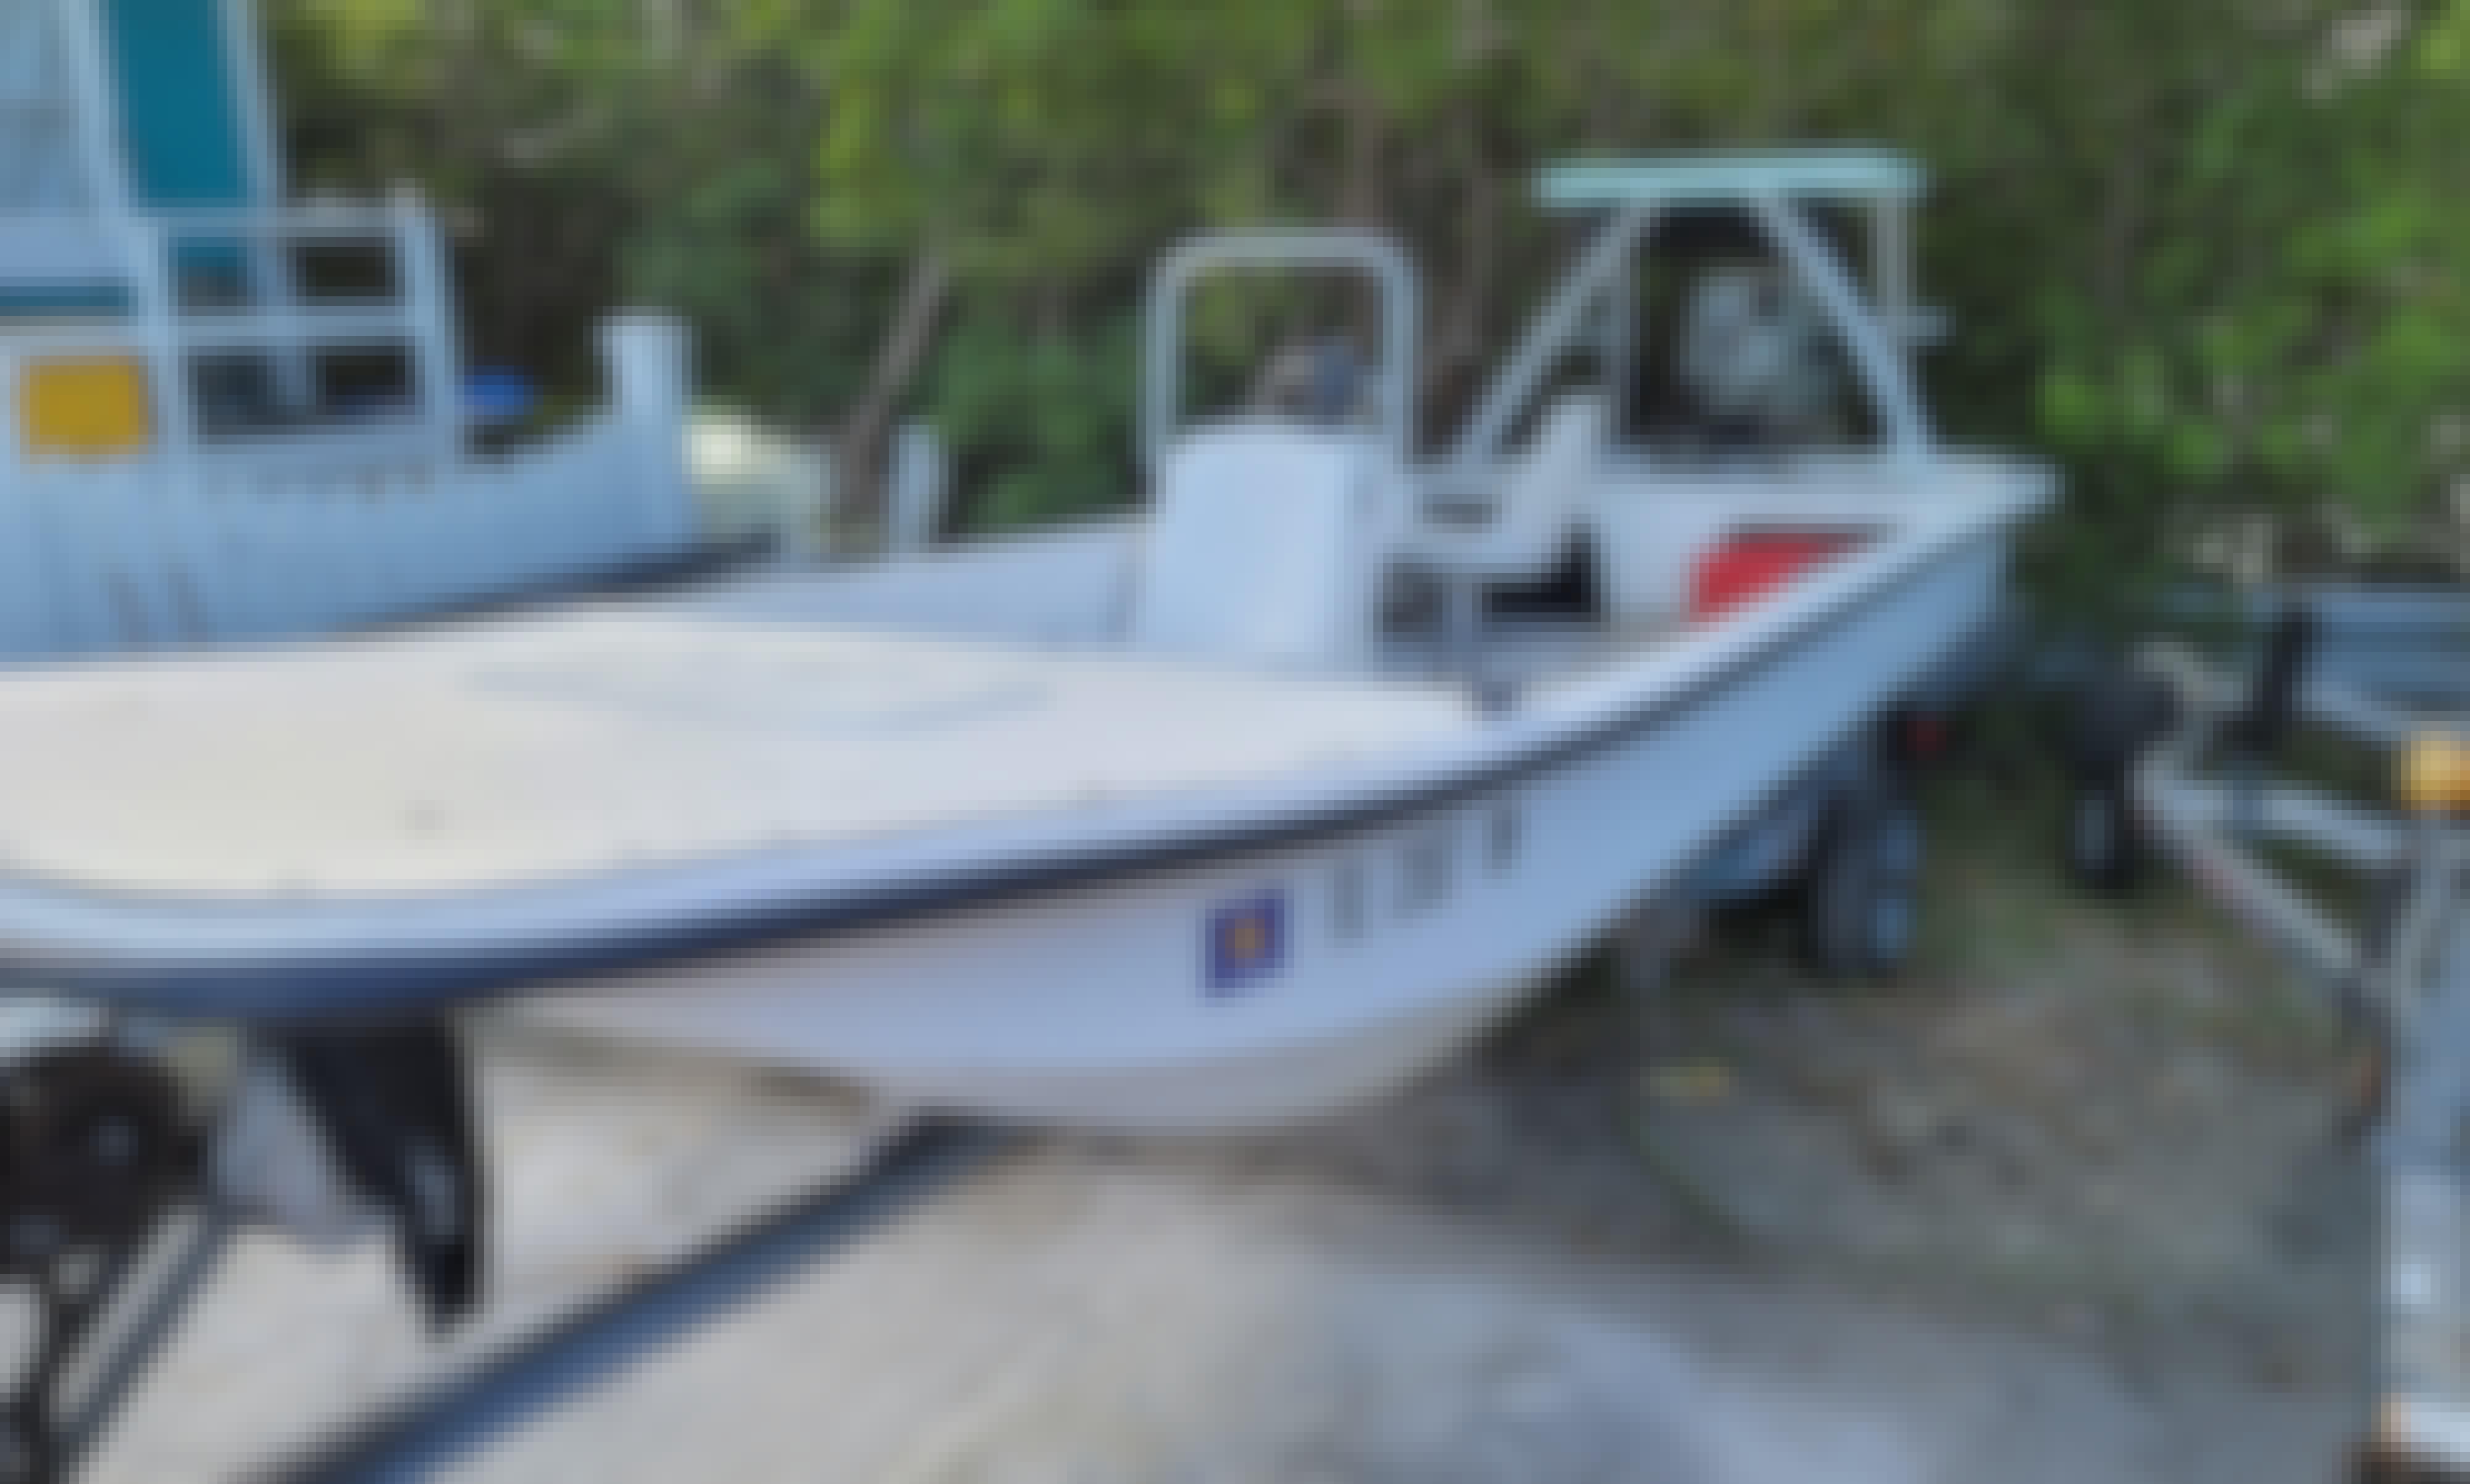 Carolina Skiff 15' Fishing Boat in Stock Island